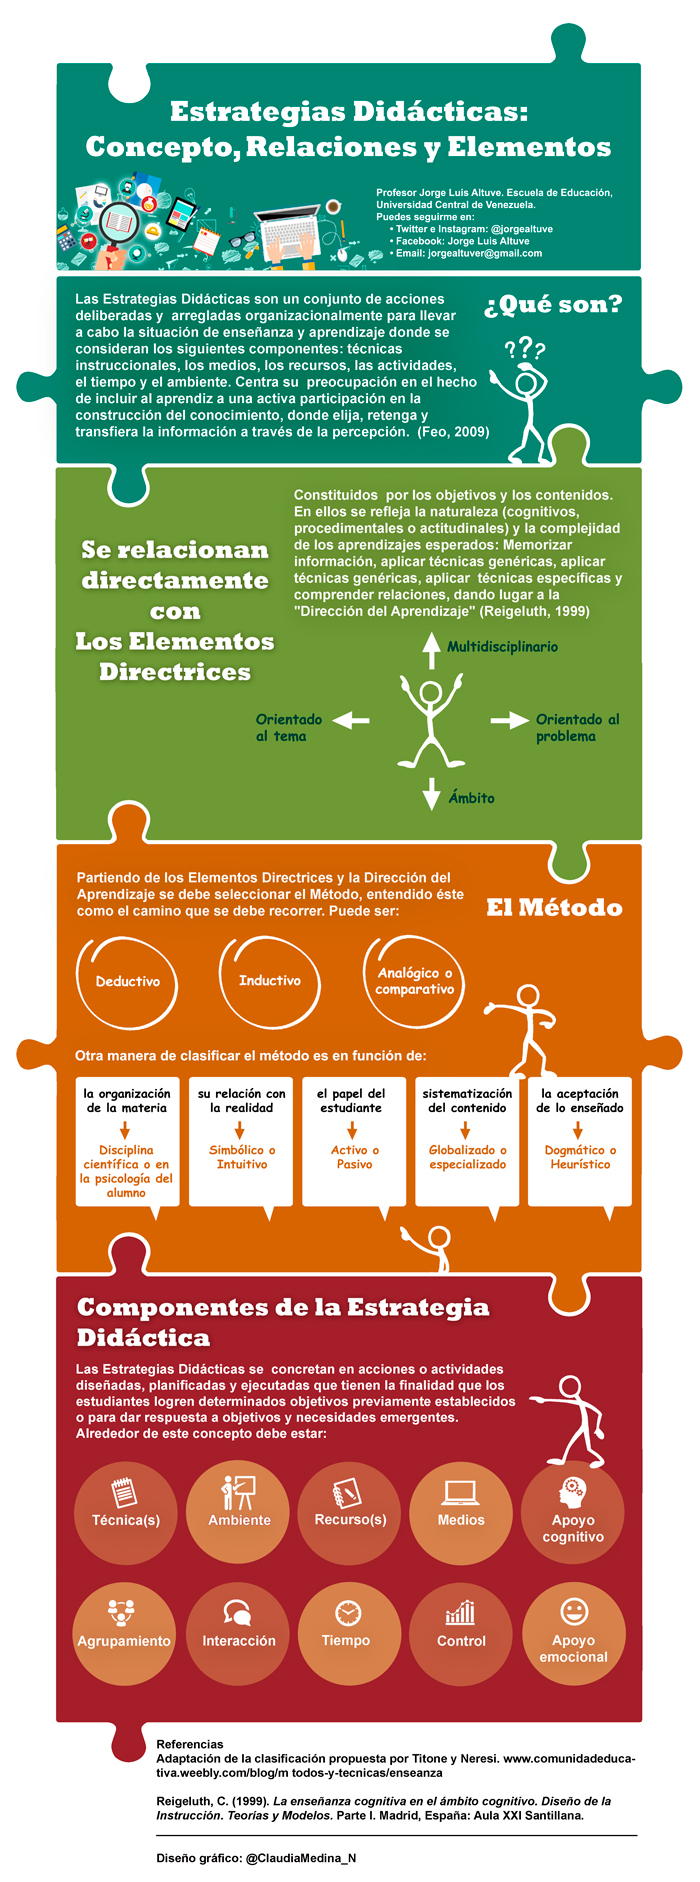 Estrategias Didácticas: Concepto - Relaciones - Elementos